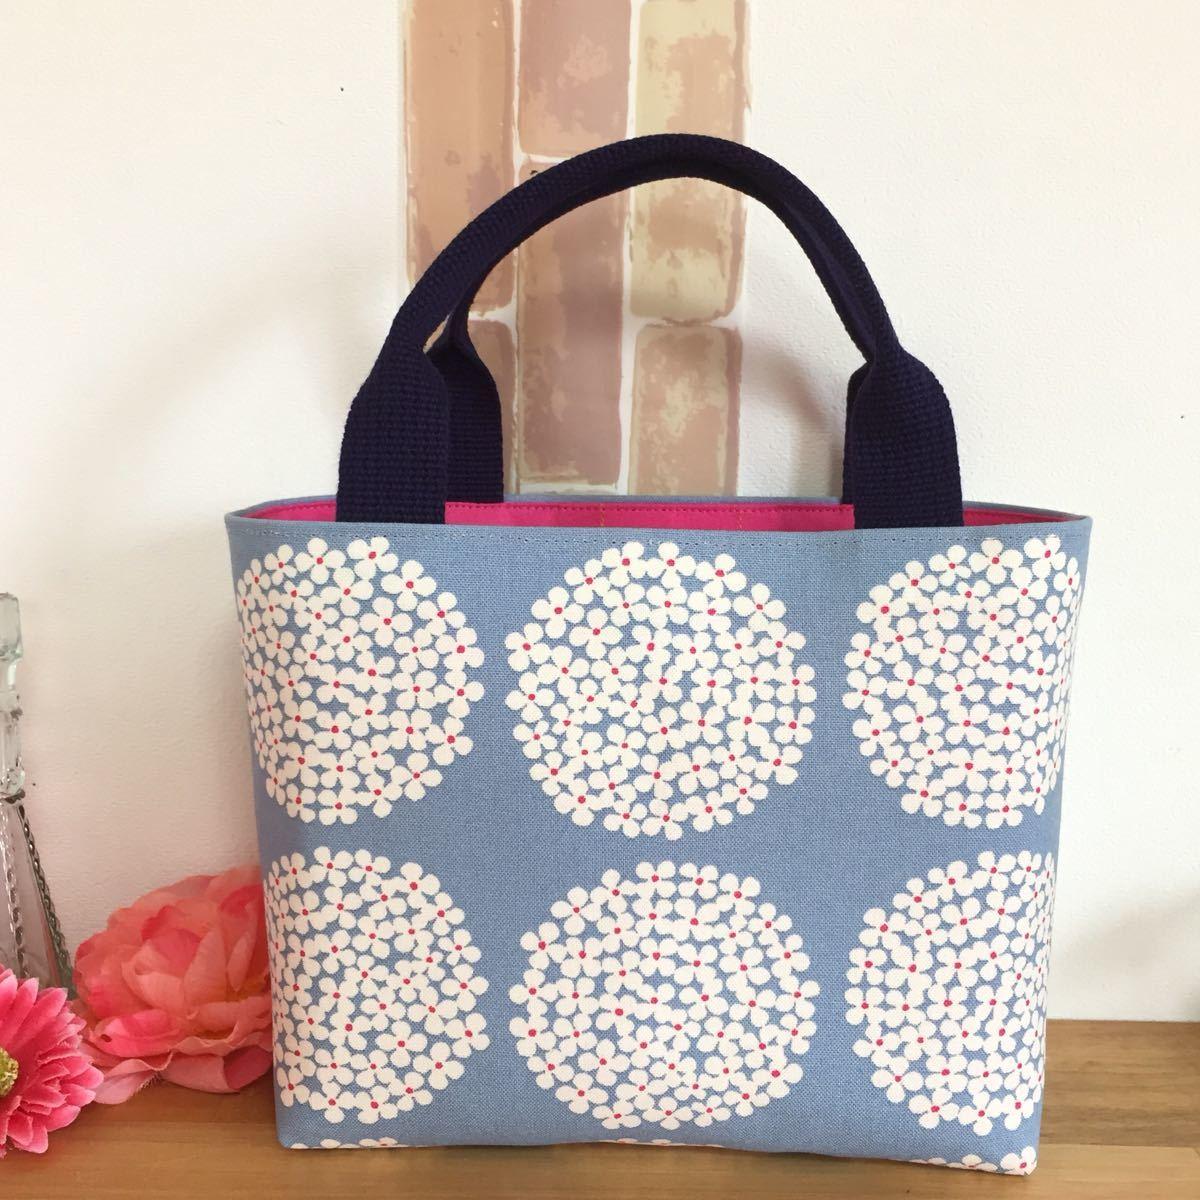 紫陽花 ミニトートバッグ バッグインバッグ ハンドバッグ